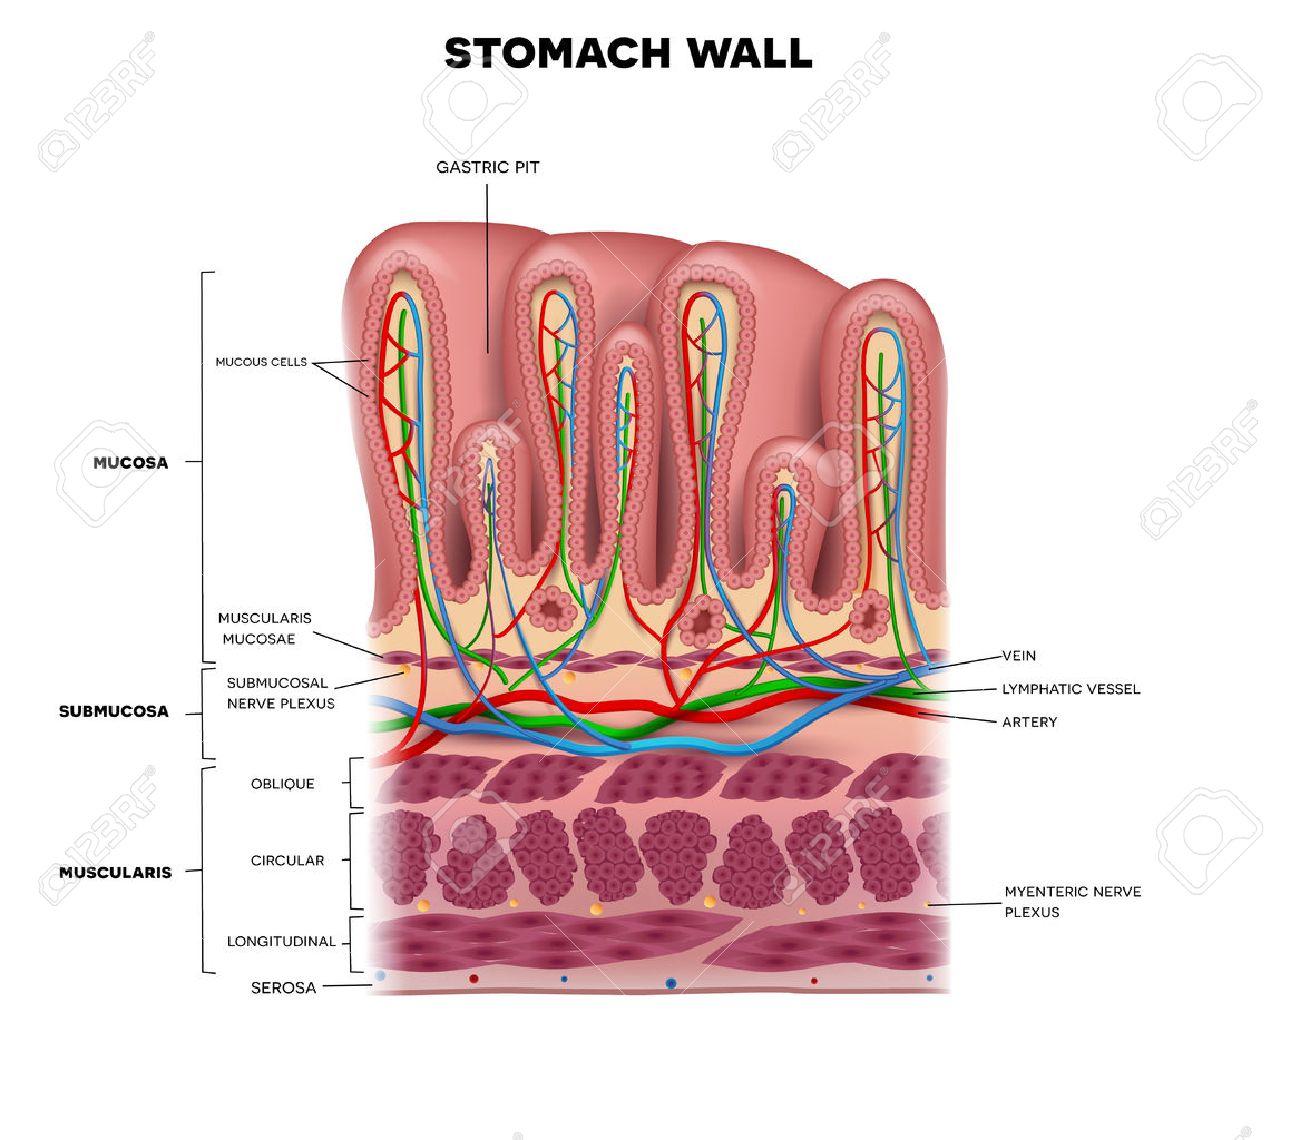 Atemberaubend Bauch Anatomie Diagramm Fotos - Menschliche Anatomie ...